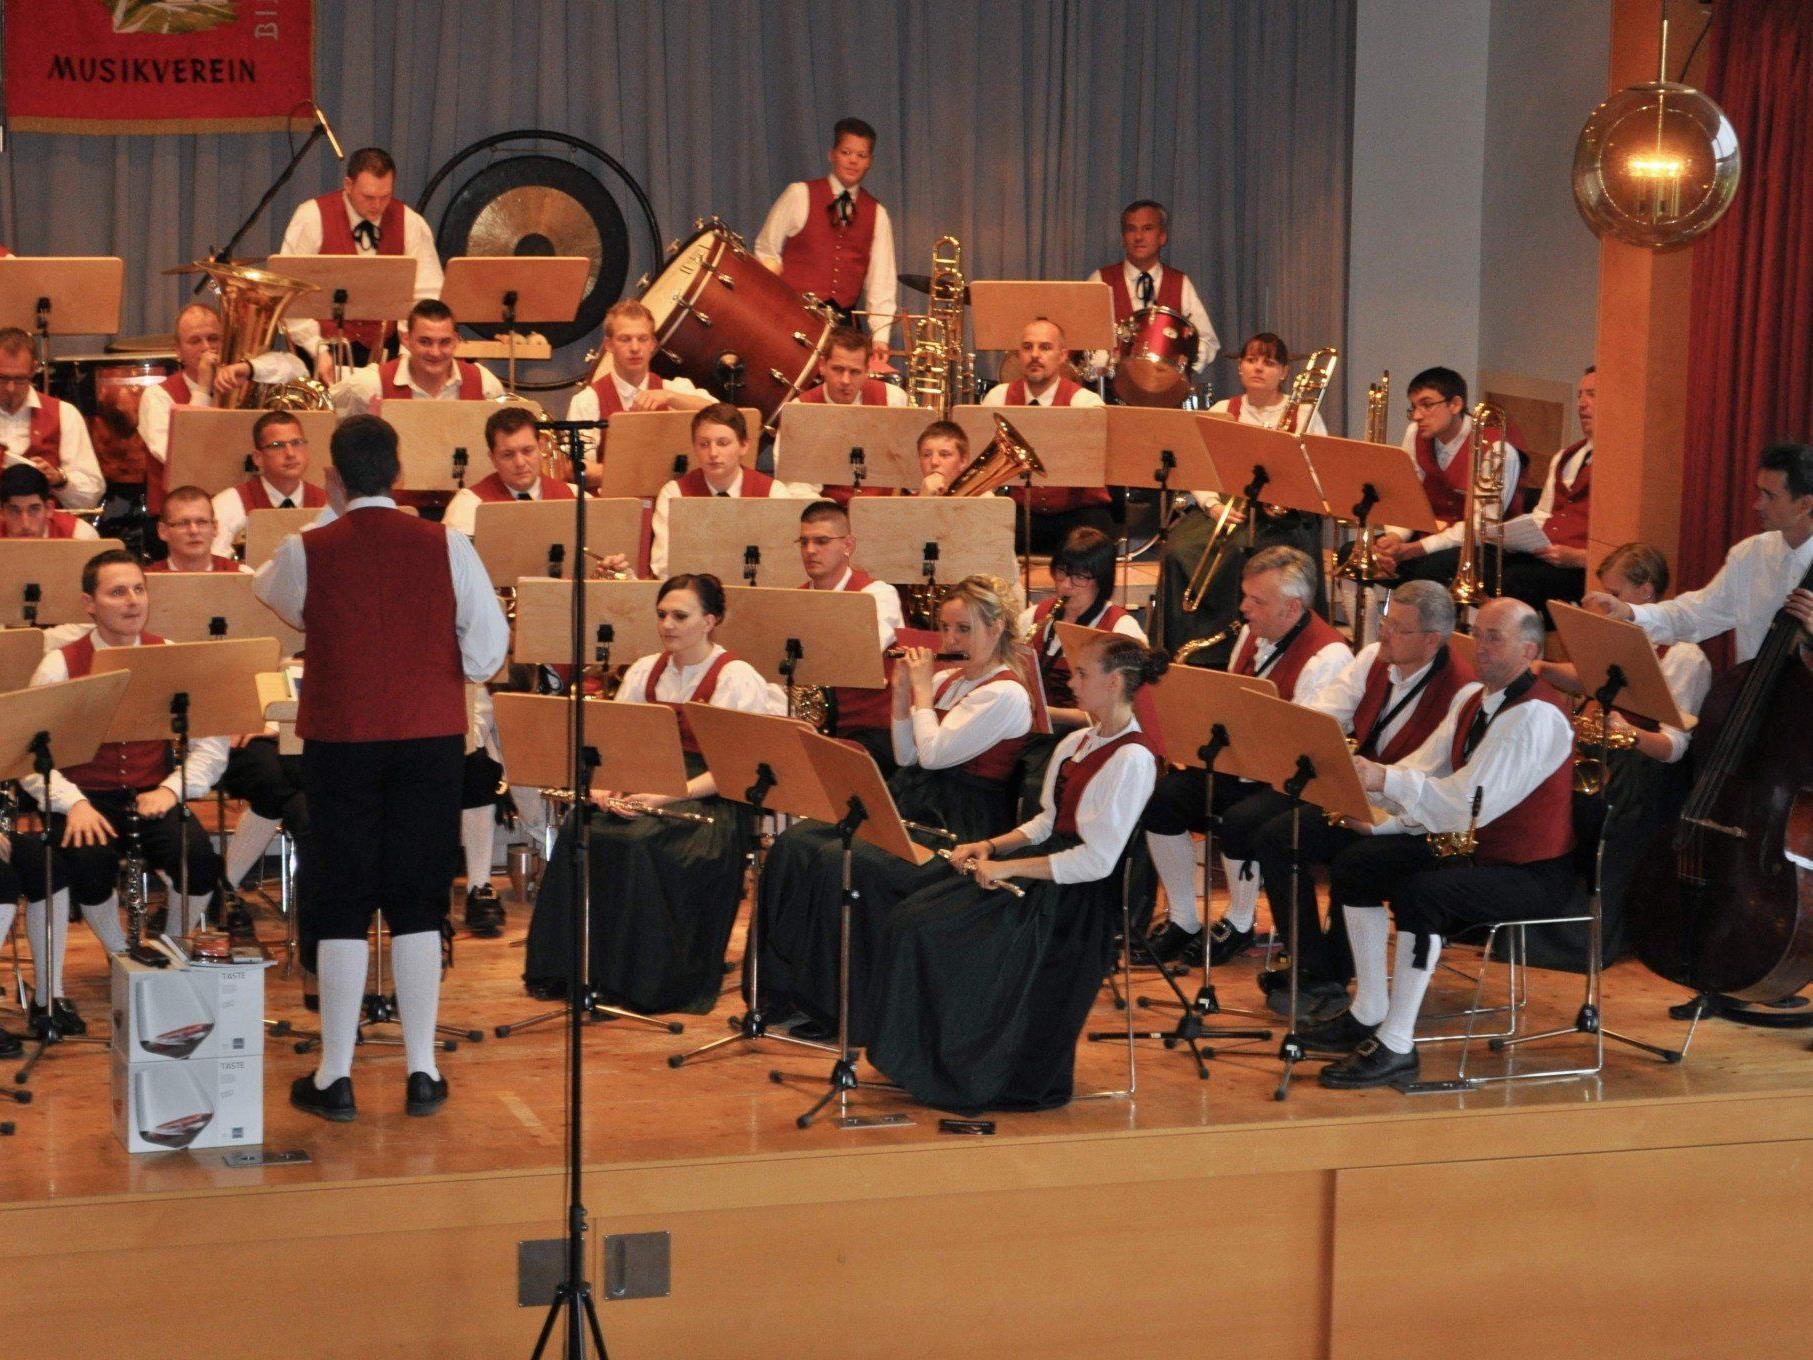 Der Musikverein Bildstein lud zum traditionellen Muttertagskonzert.